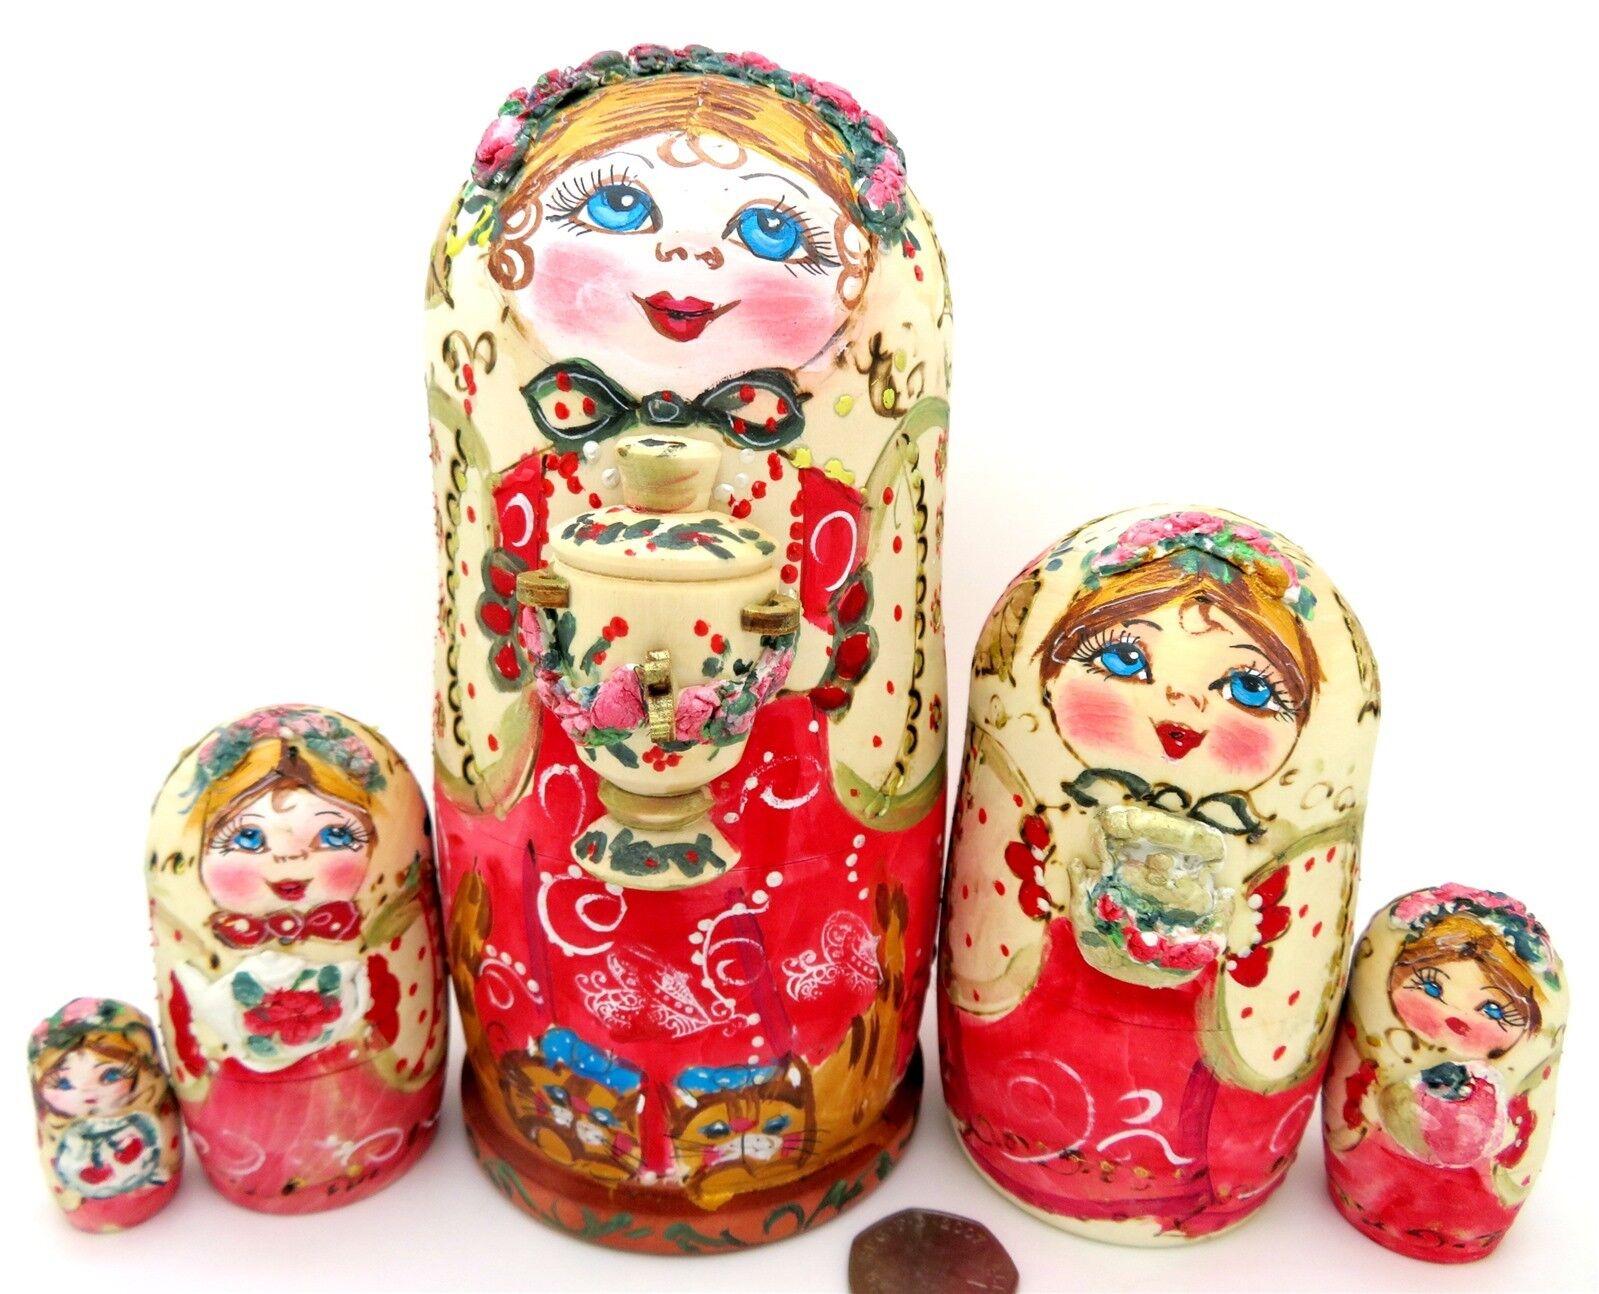 Poupées Gigognes Russes or Rouge Pyrogravure Service à Thé Babushka & Samovar 5